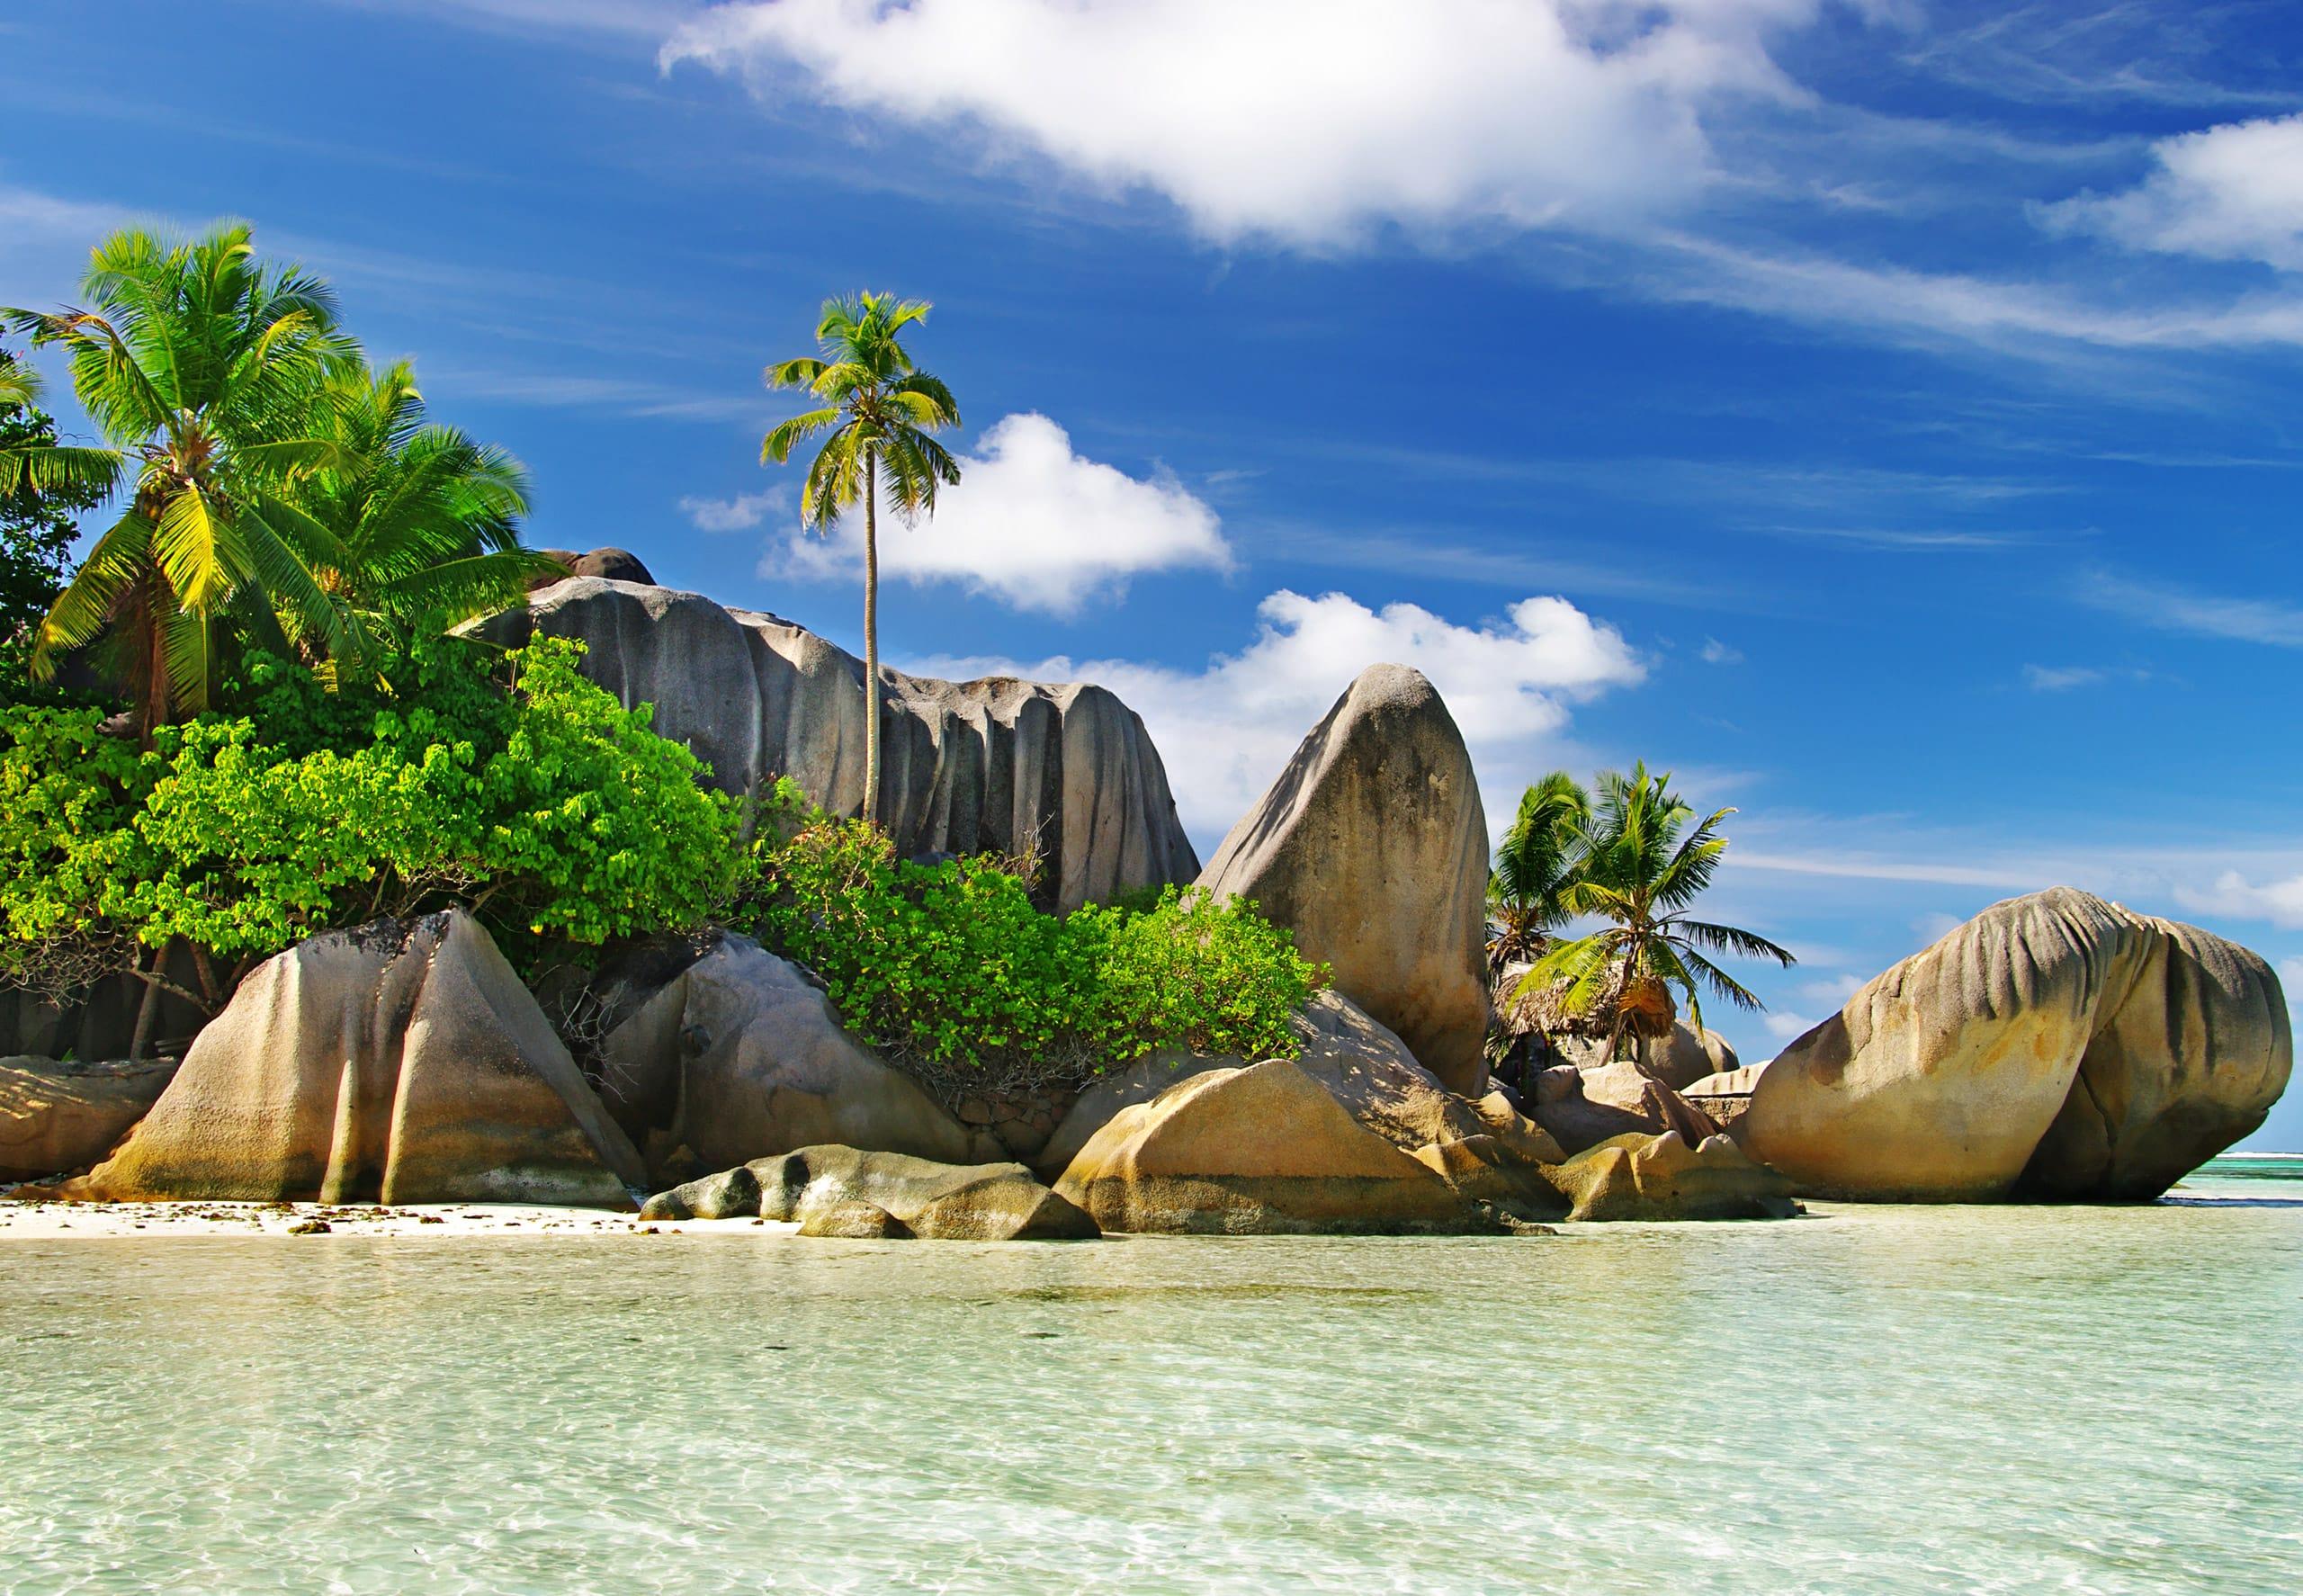 13-daagse privé rondreis diverse vervoerstypes Islandhopping Seychellen